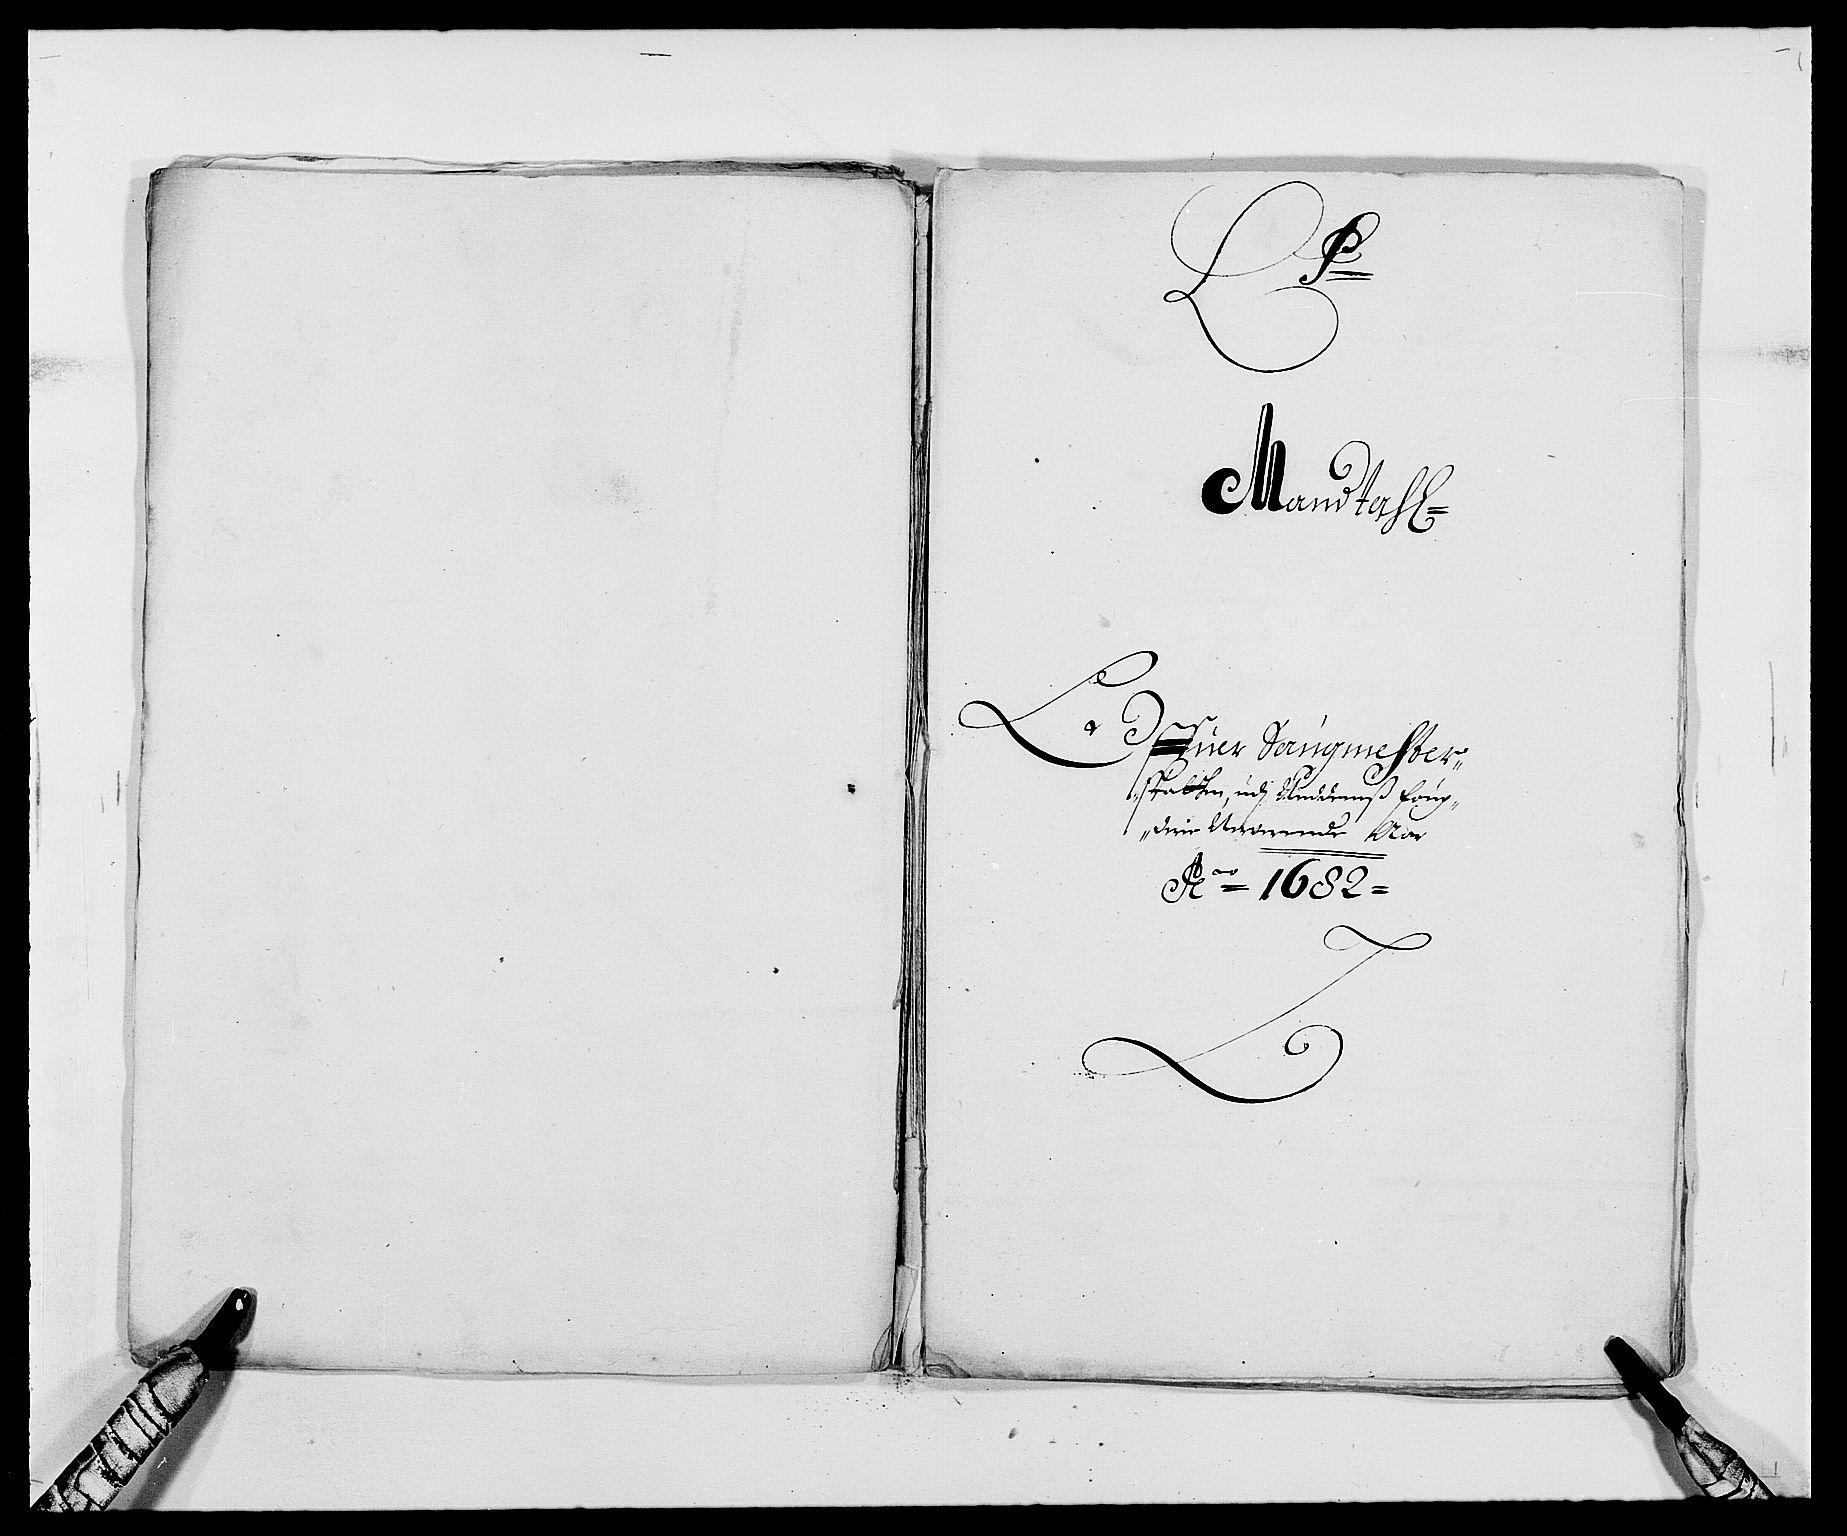 RA, Rentekammeret inntil 1814, Reviderte regnskaper, Fogderegnskap, R39/L2304: Fogderegnskap Nedenes, 1680-1682, s. 347